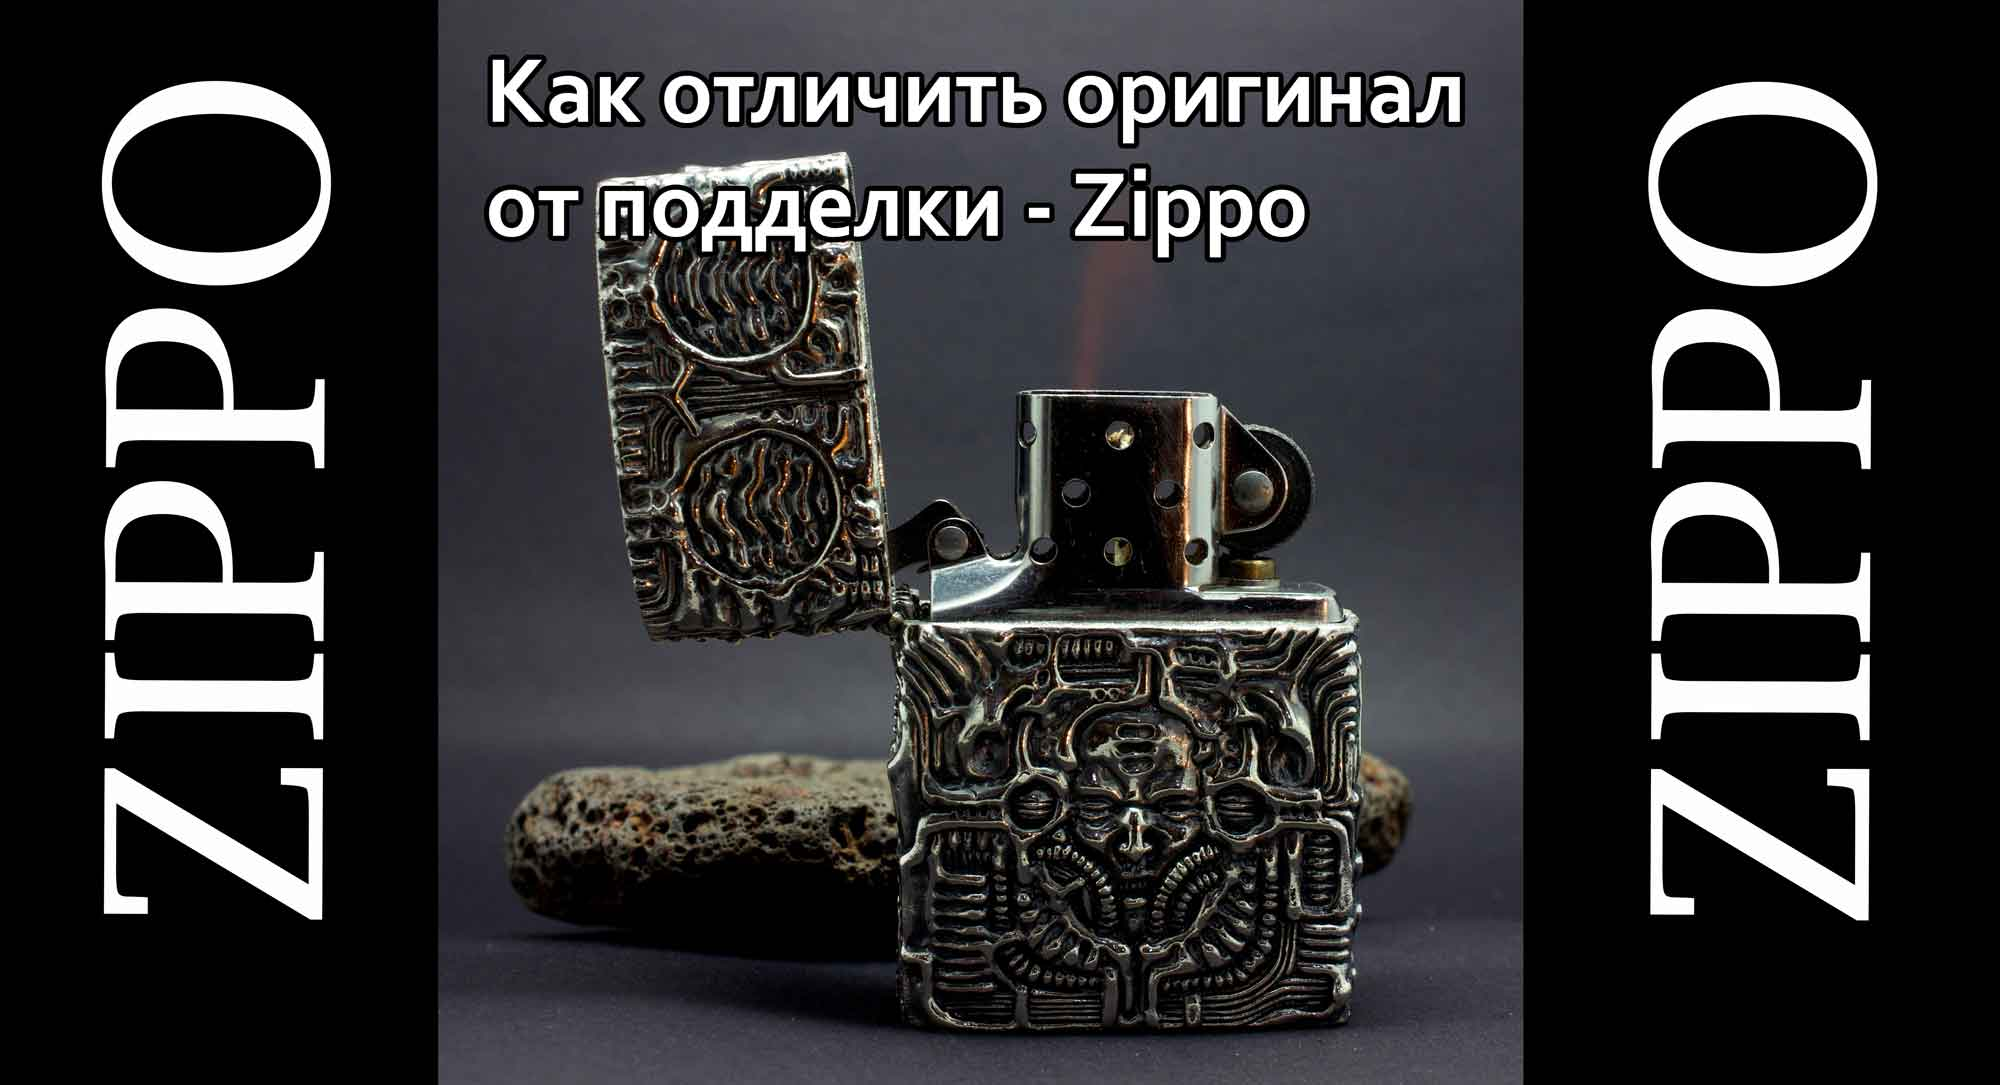 Как отличить подделку от оригинала Zippo